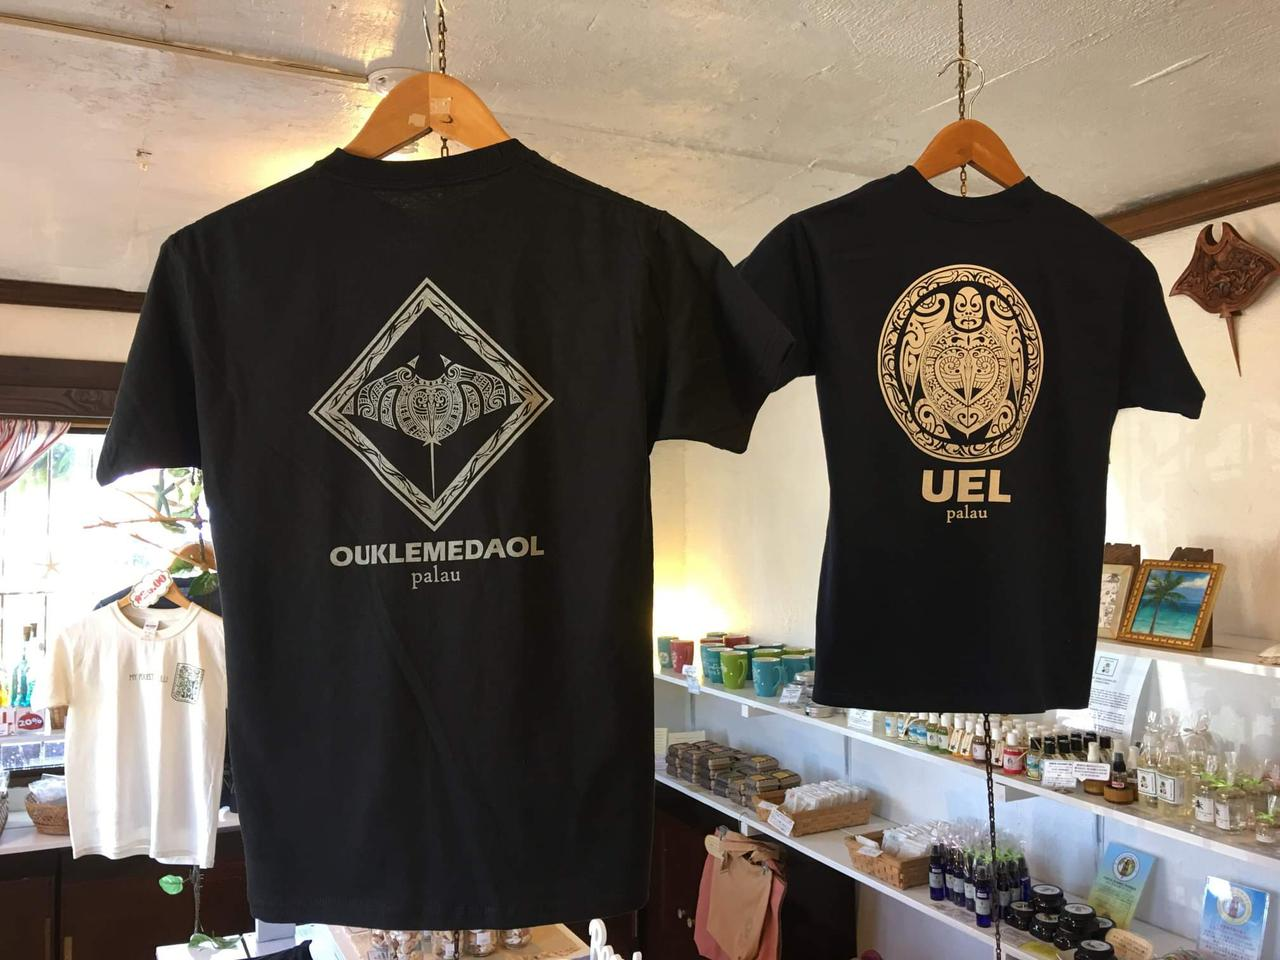 画像: 素敵なデザインが多く、日本でも使えそうなのがうれしいTシャツ。(弊社スタッフ撮影)